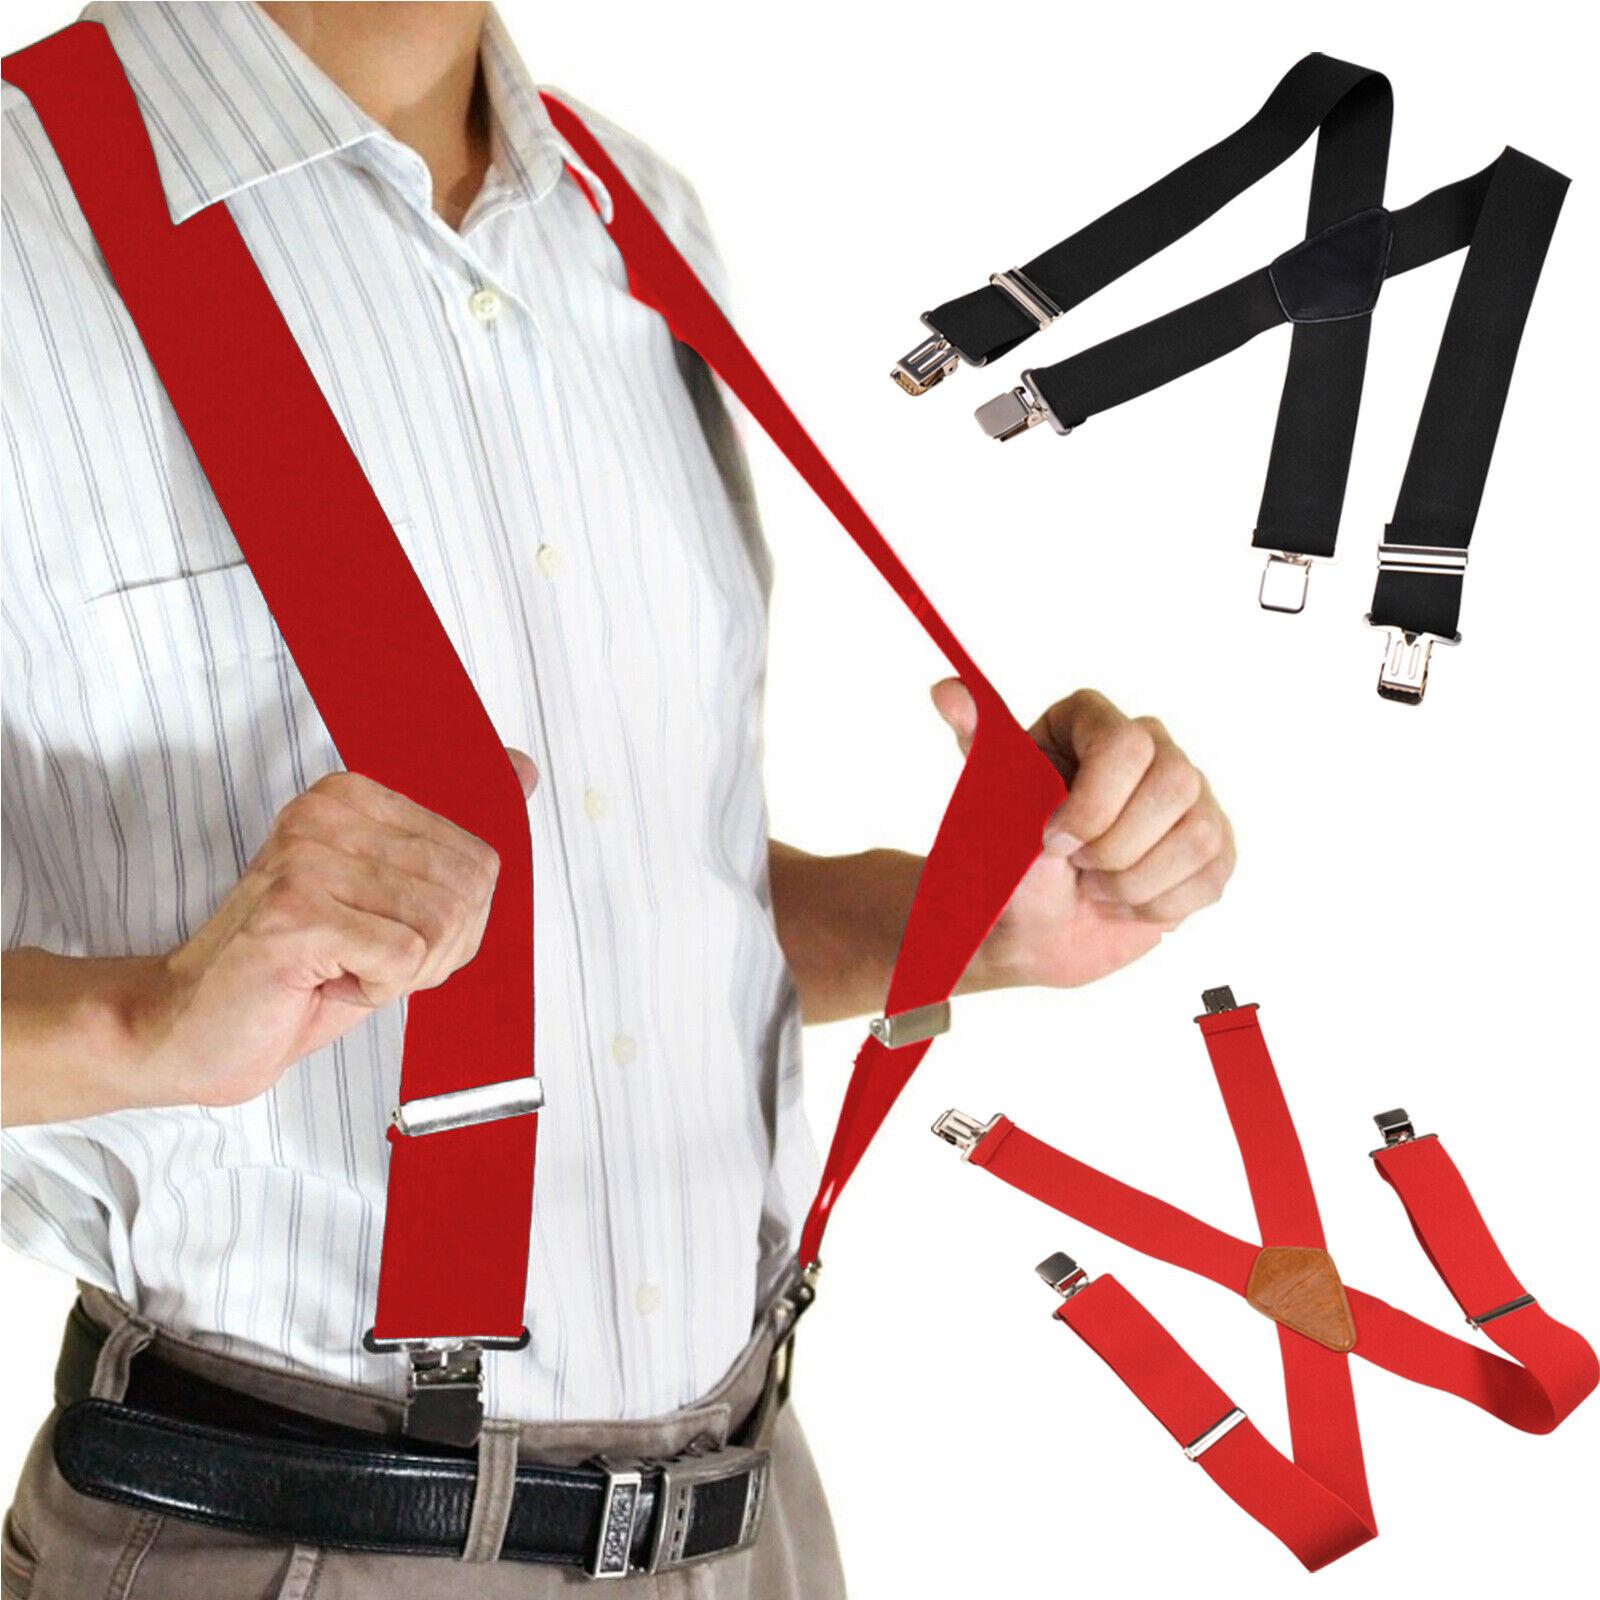 Hosenträger X Form 5cm breit 4 Clips EXTRA STARK UNISEX Elastisch SCHWARZ/ROT